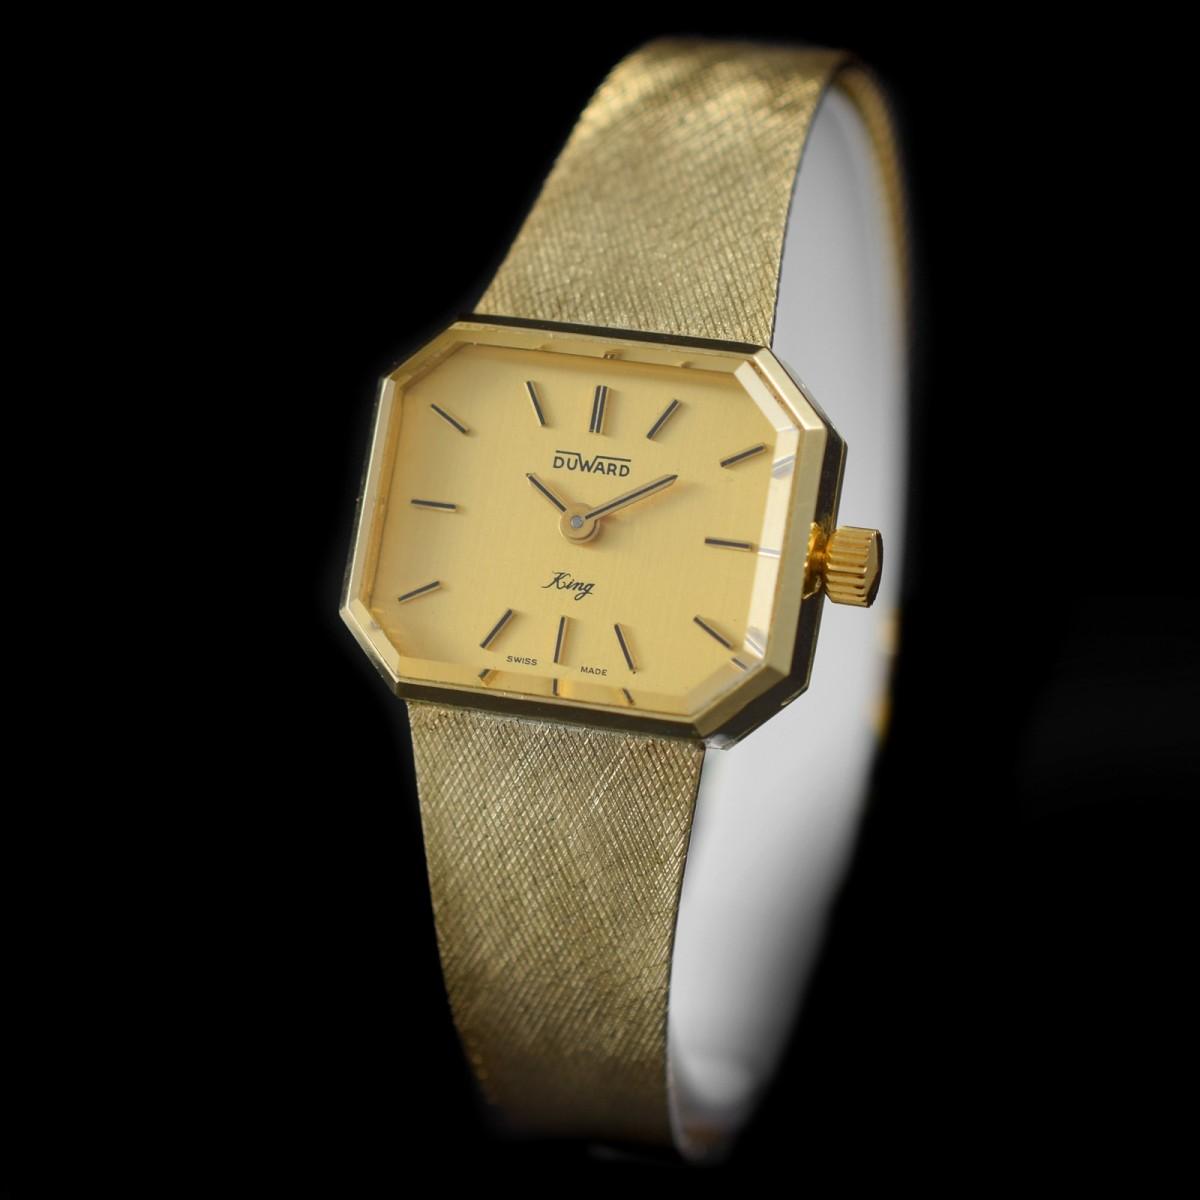 """Reloj Duward """"King"""" de Oro 18K"""